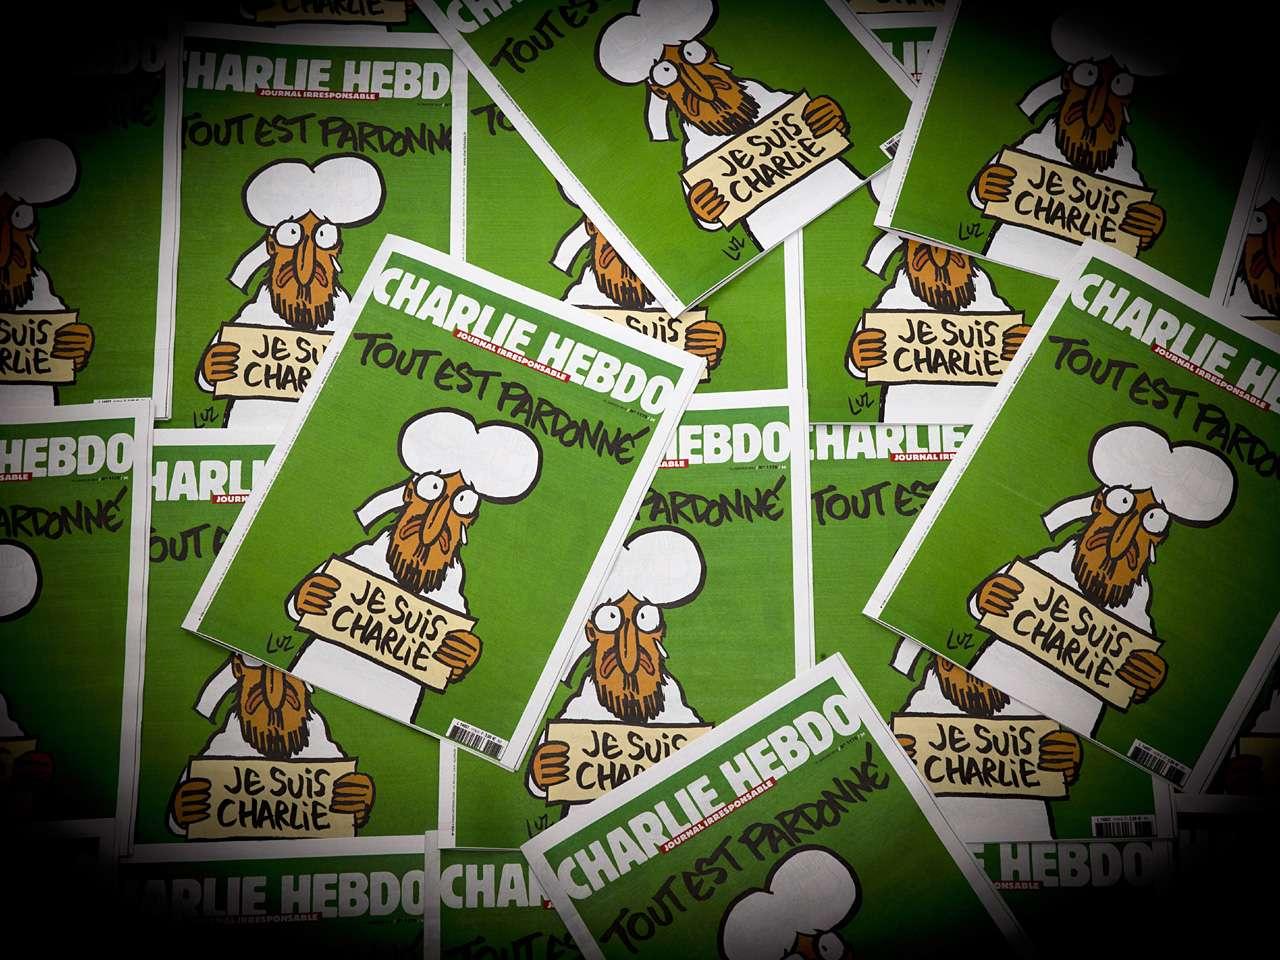 La demanda de Charlie Hebdo ya provocó la reventa en internet Foto: AFP en español